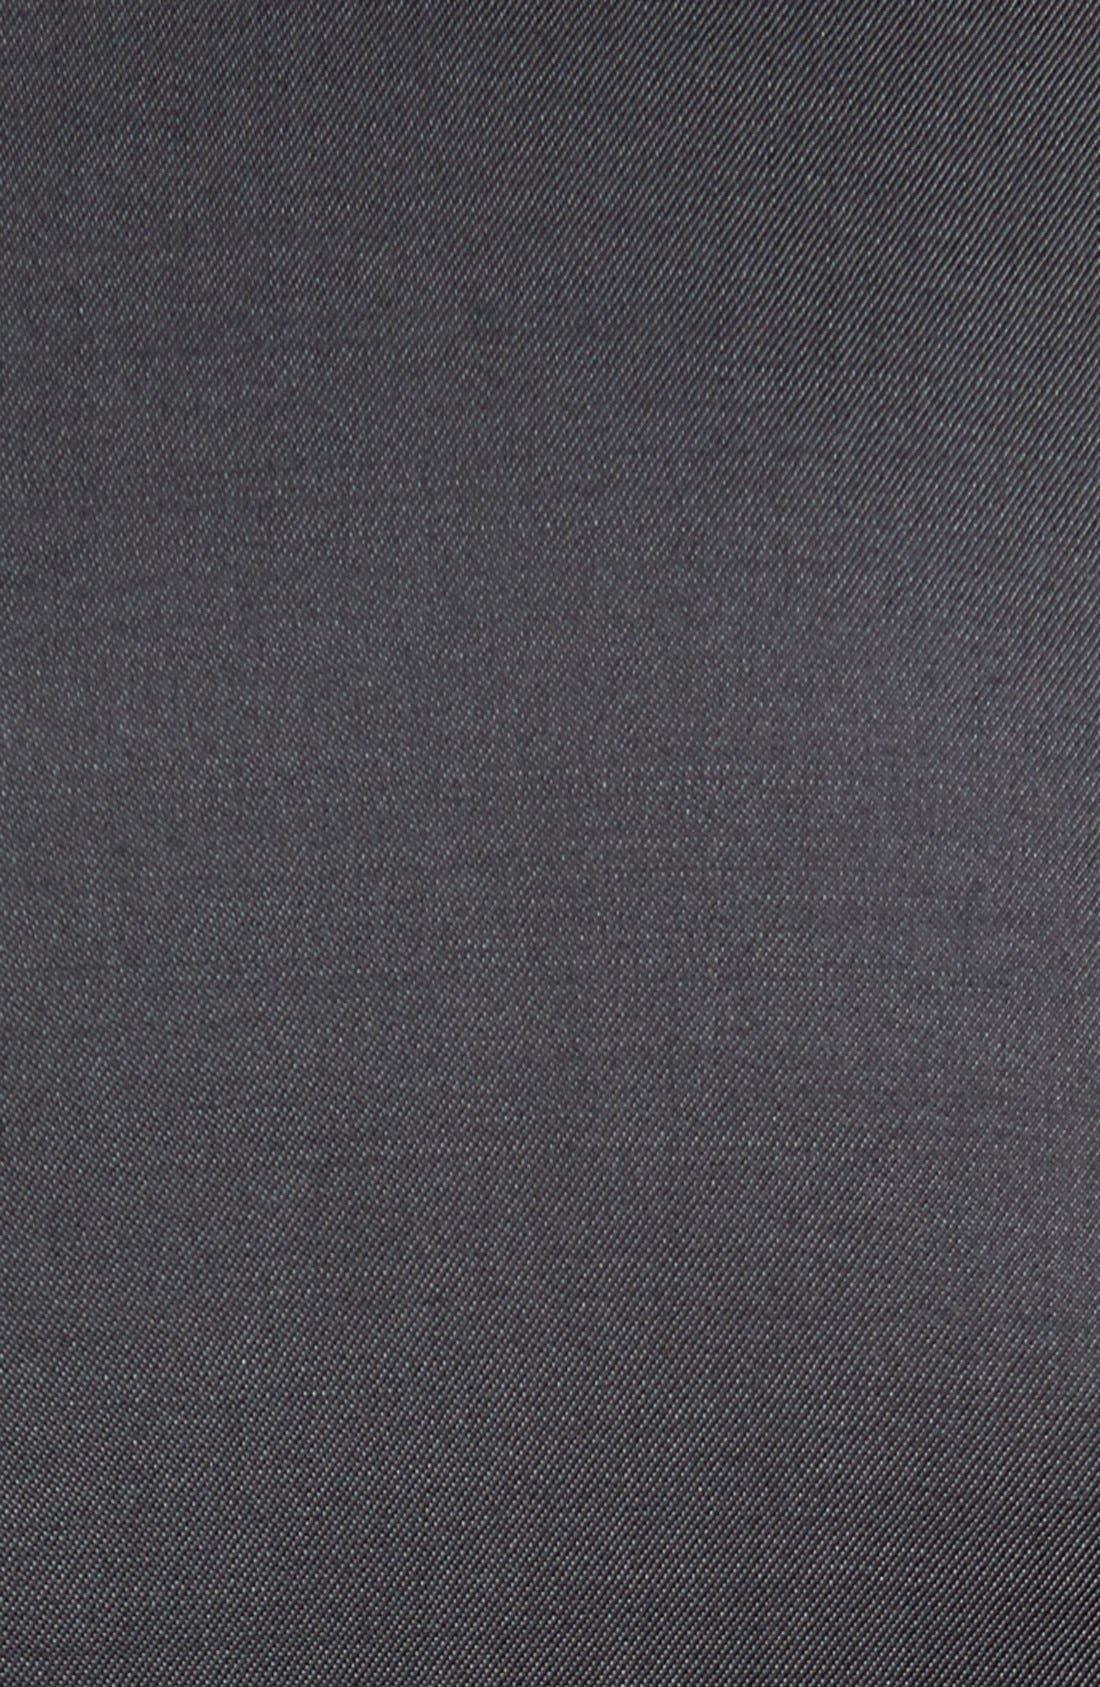 Trim Fit Solid Wool Suit,                             Alternate thumbnail 5, color,                             022